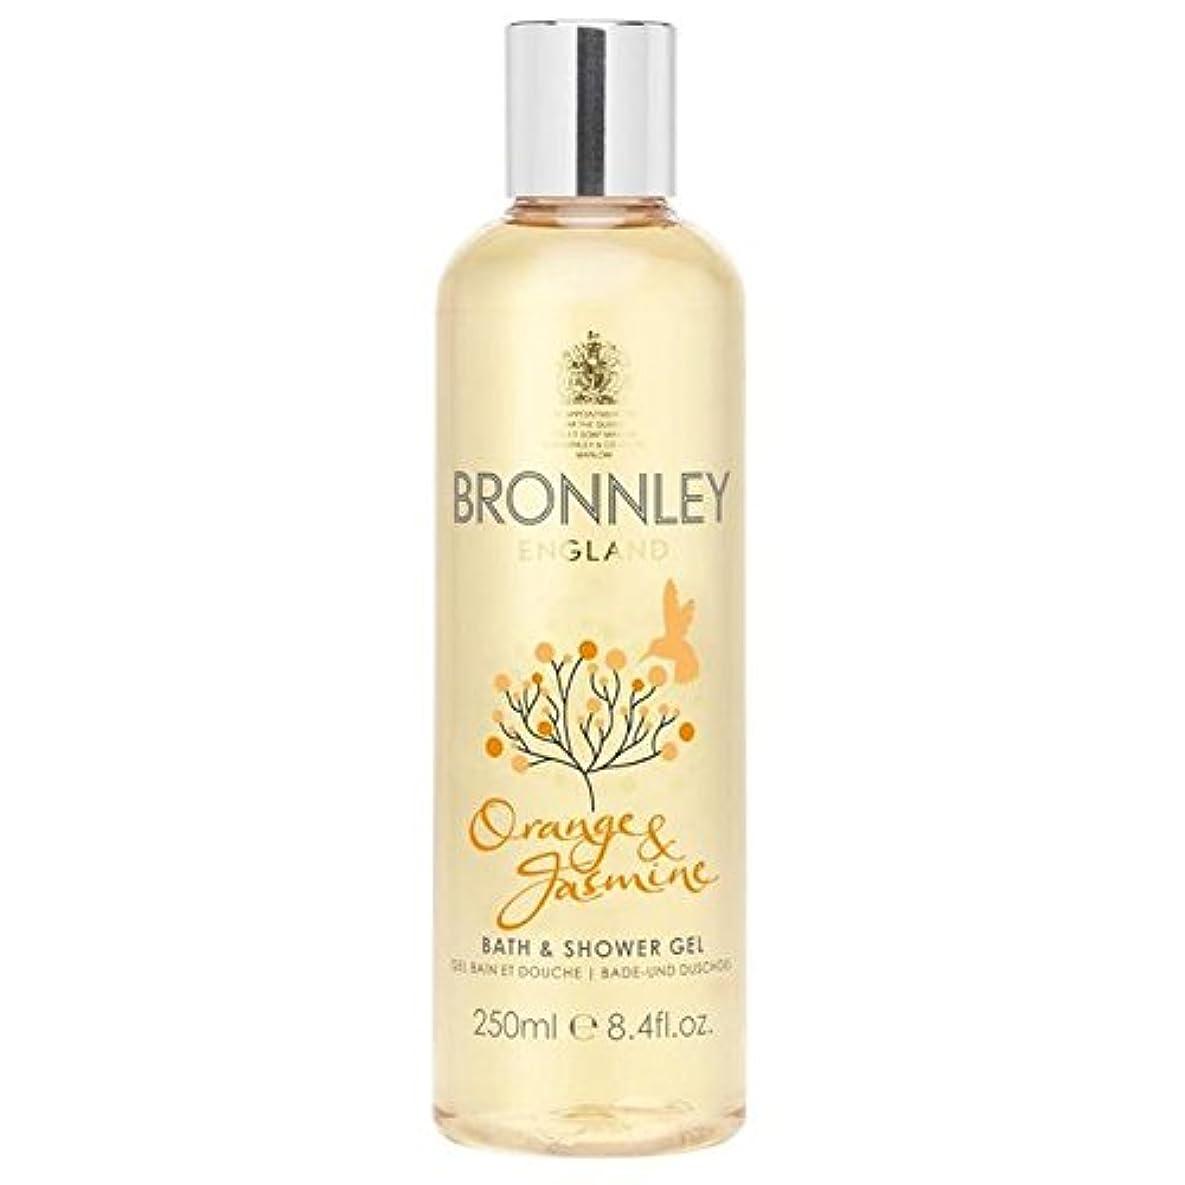 眠いです湿原コンセンサスBronnley Orange & Jasmine Bath & Shower Gel 250ml - オレンジ&ジャスミンバス&シャワージェル250ミリリットル [並行輸入品]